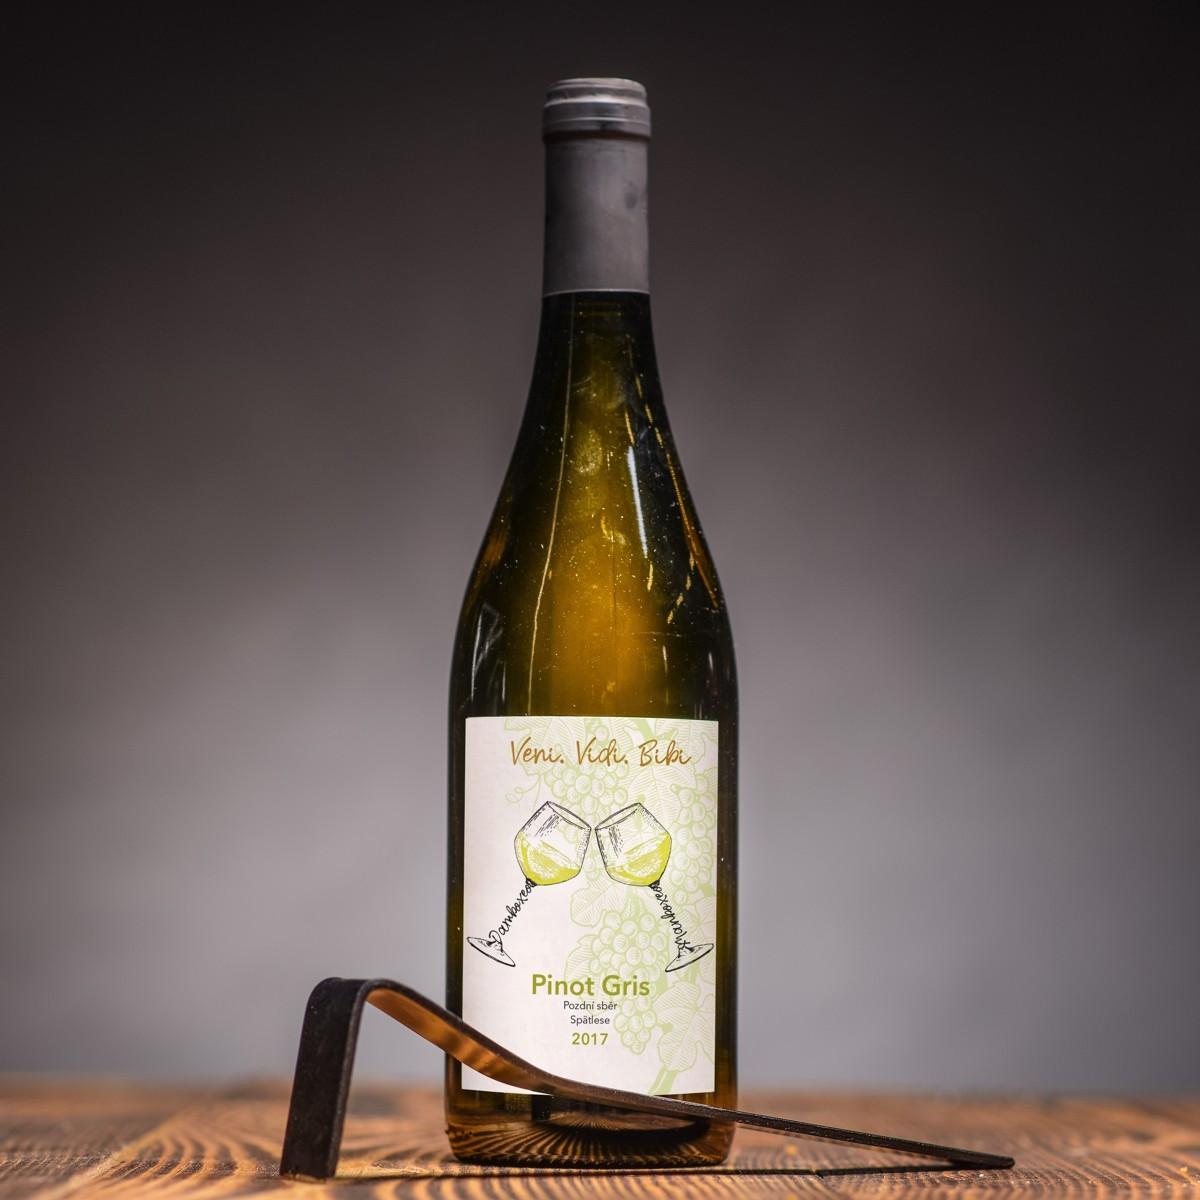 bilé víno pinot gris rulandske sede gotberg.jpg